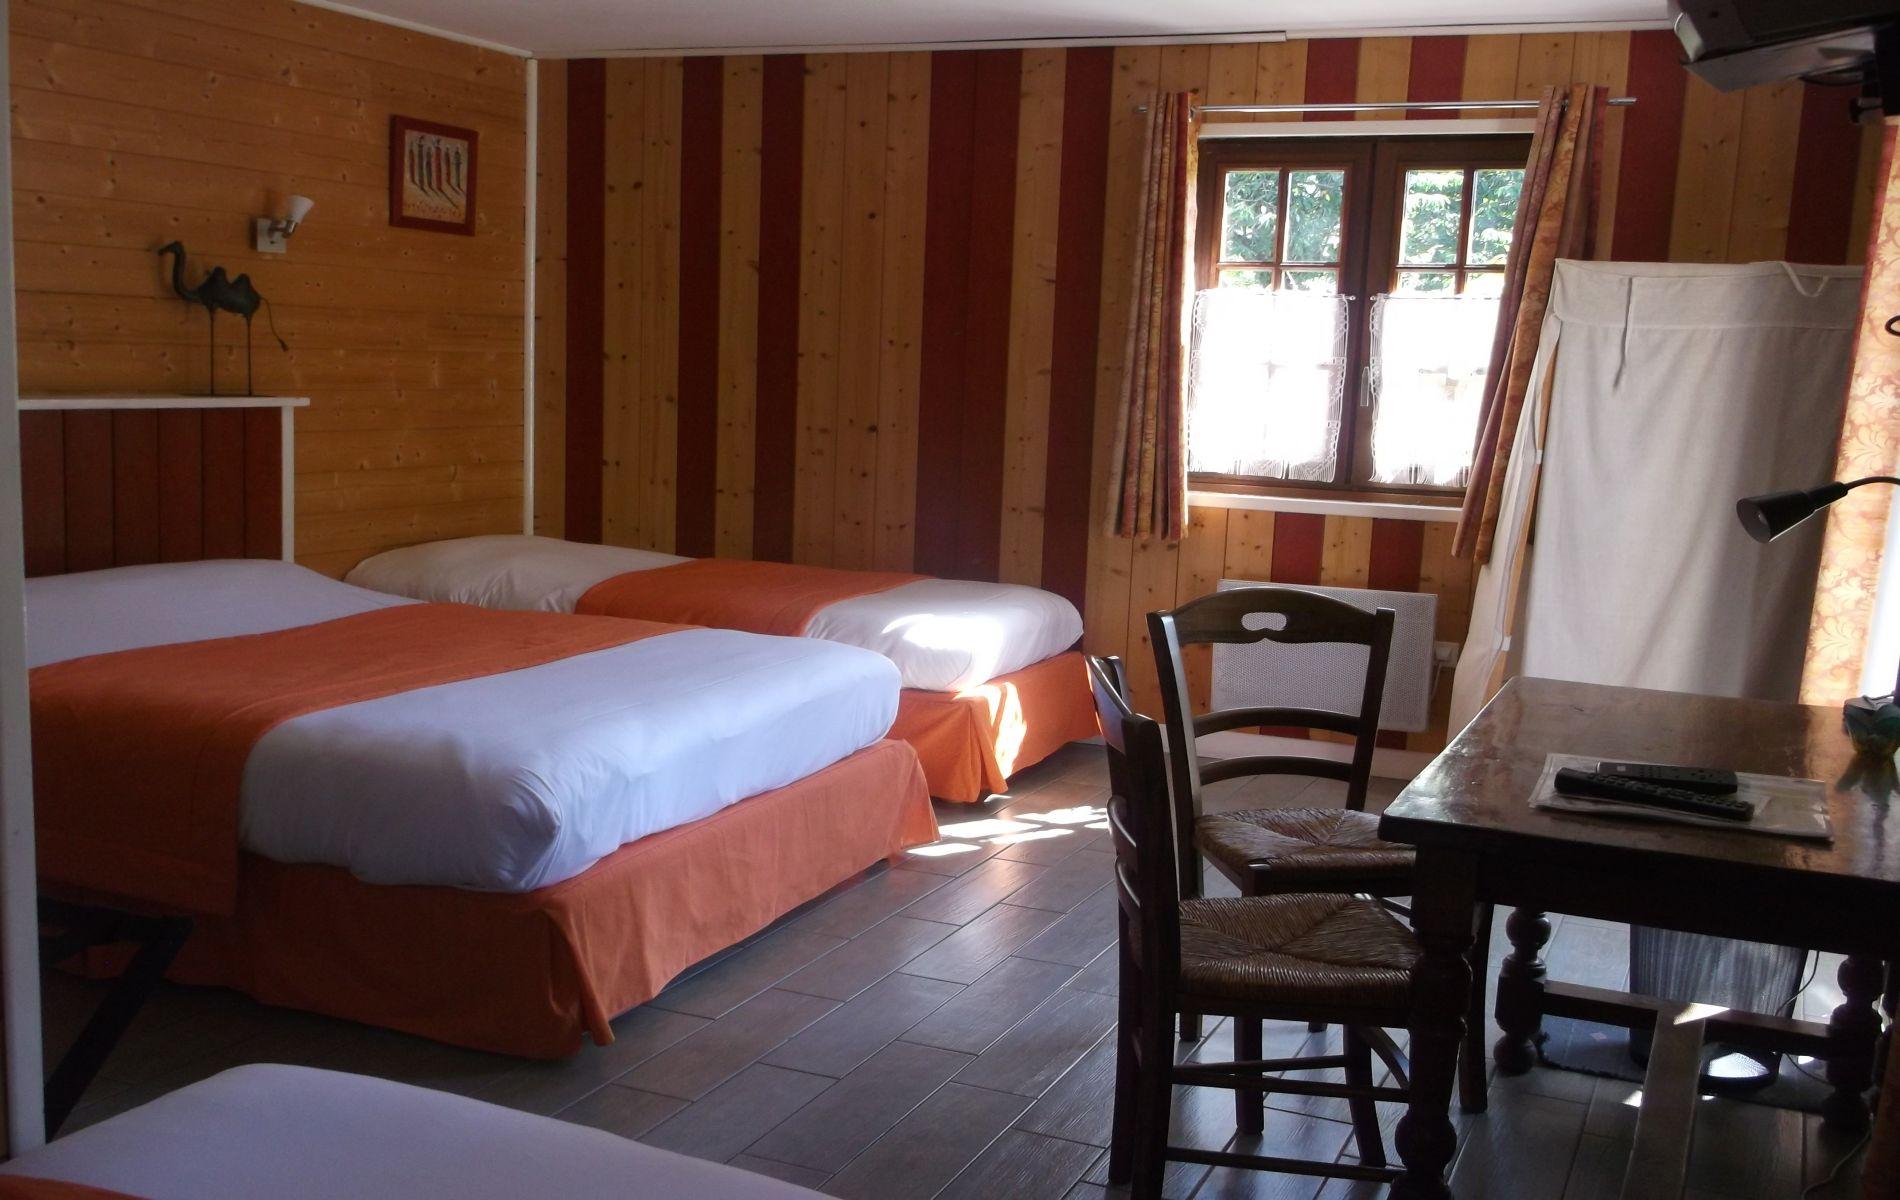 chambre familiale de l'hotel saint martin pont l'eveque